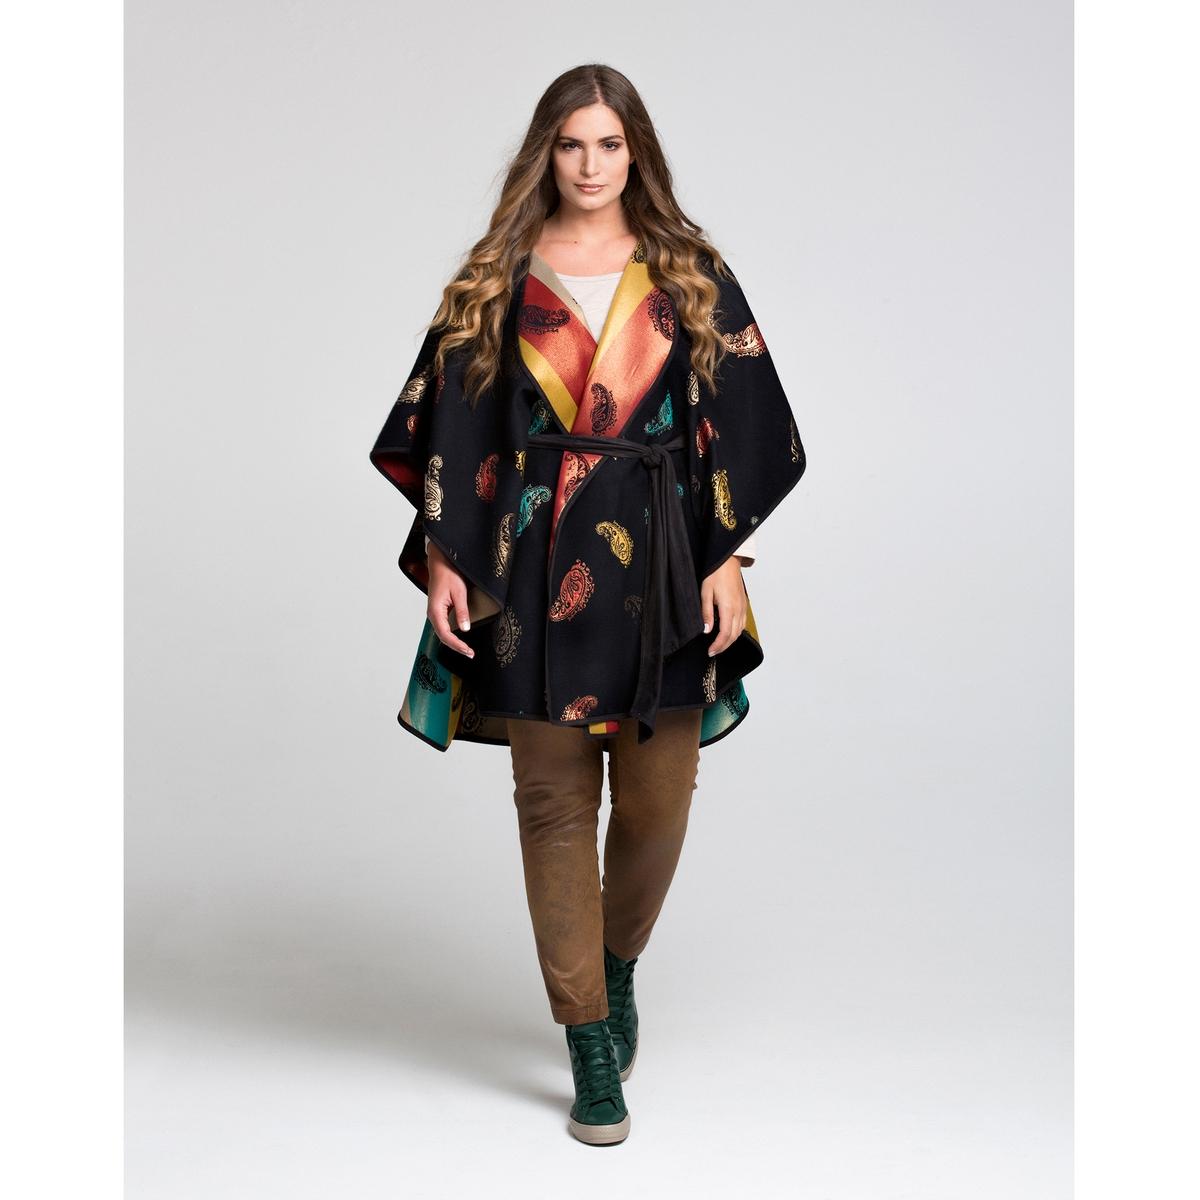 Кейп двустороннийКейп с красивым разноцветным рисунком, который можно носить с двух сторон . Рукава летучая мышь и пояс в стиле кимоно . Симпатичный кейп единого размера, подходящий для размеров от 46 до 54 .<br><br>Цвет: набивной рисунок<br>Размер: 48/52 (FR) - 54/58 (RUS)